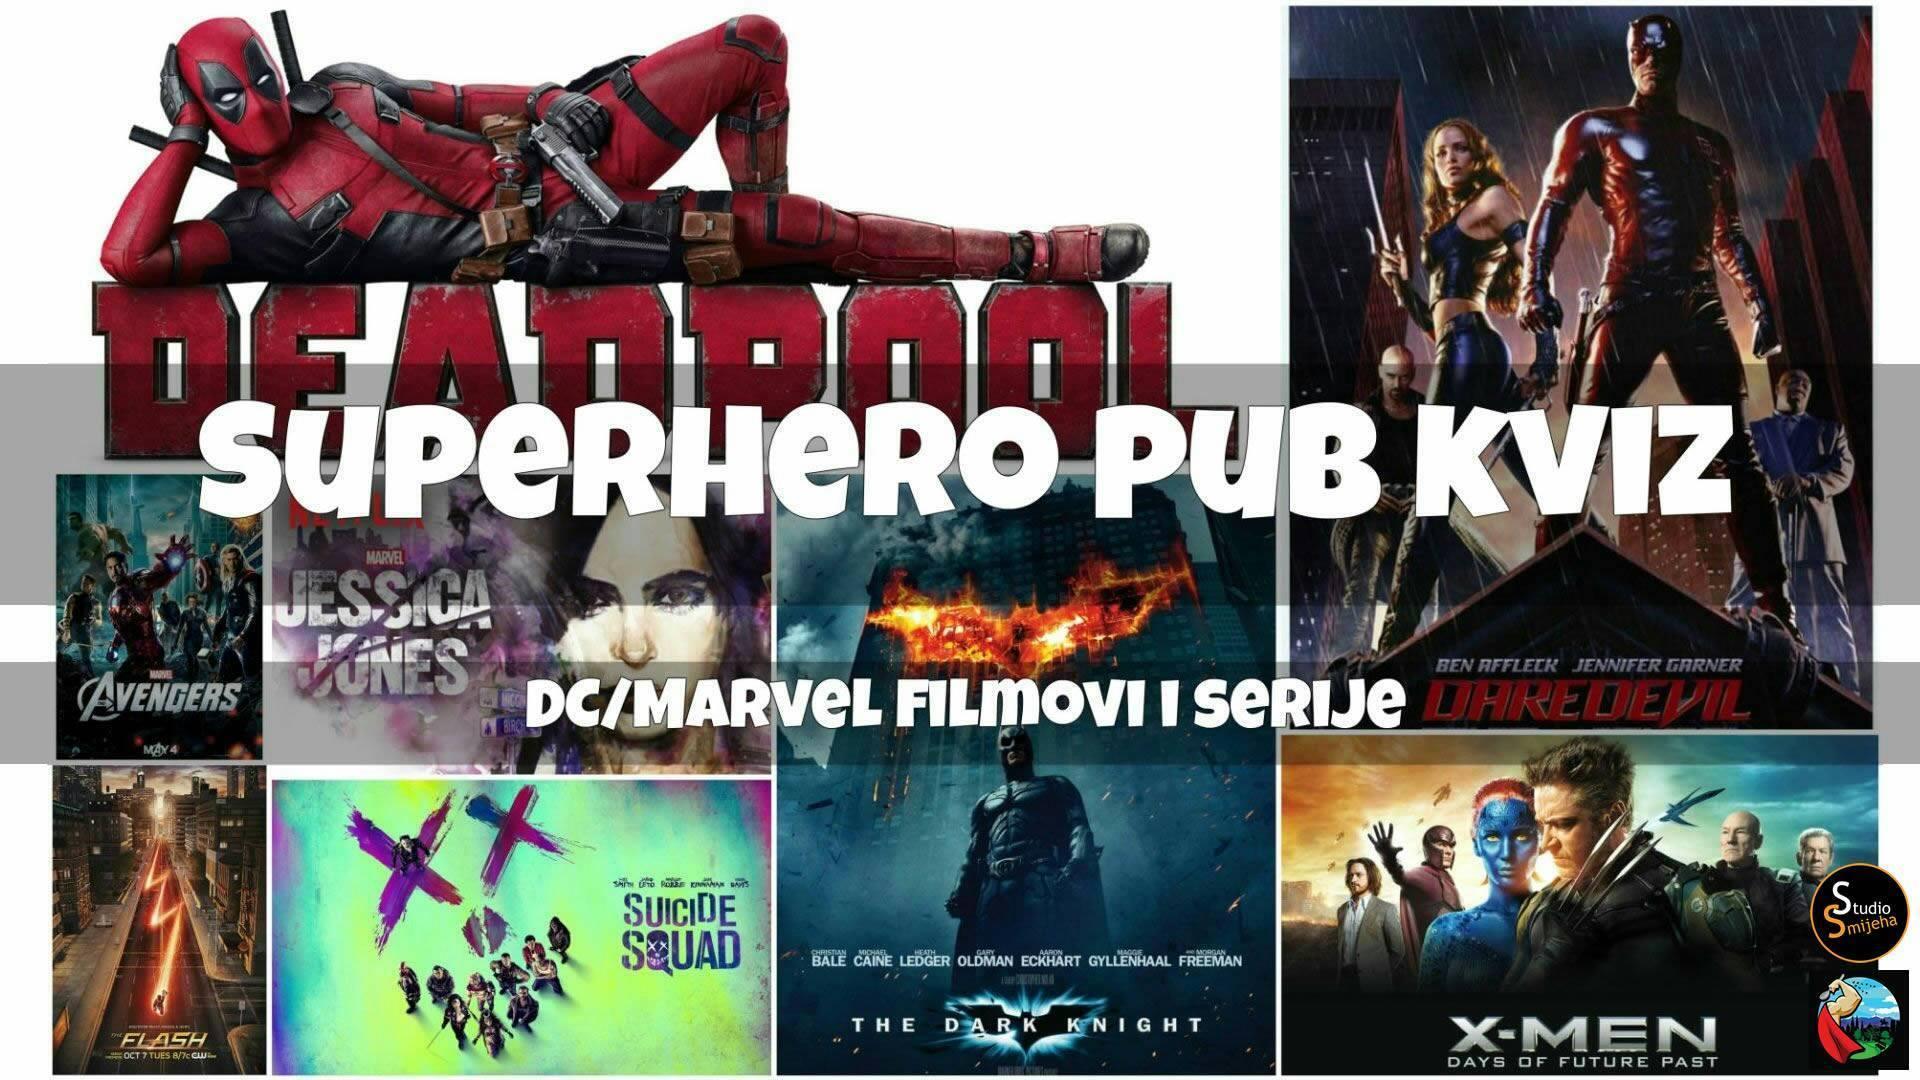 Superhero pub kviz: DC/Marvel filmovi i serije